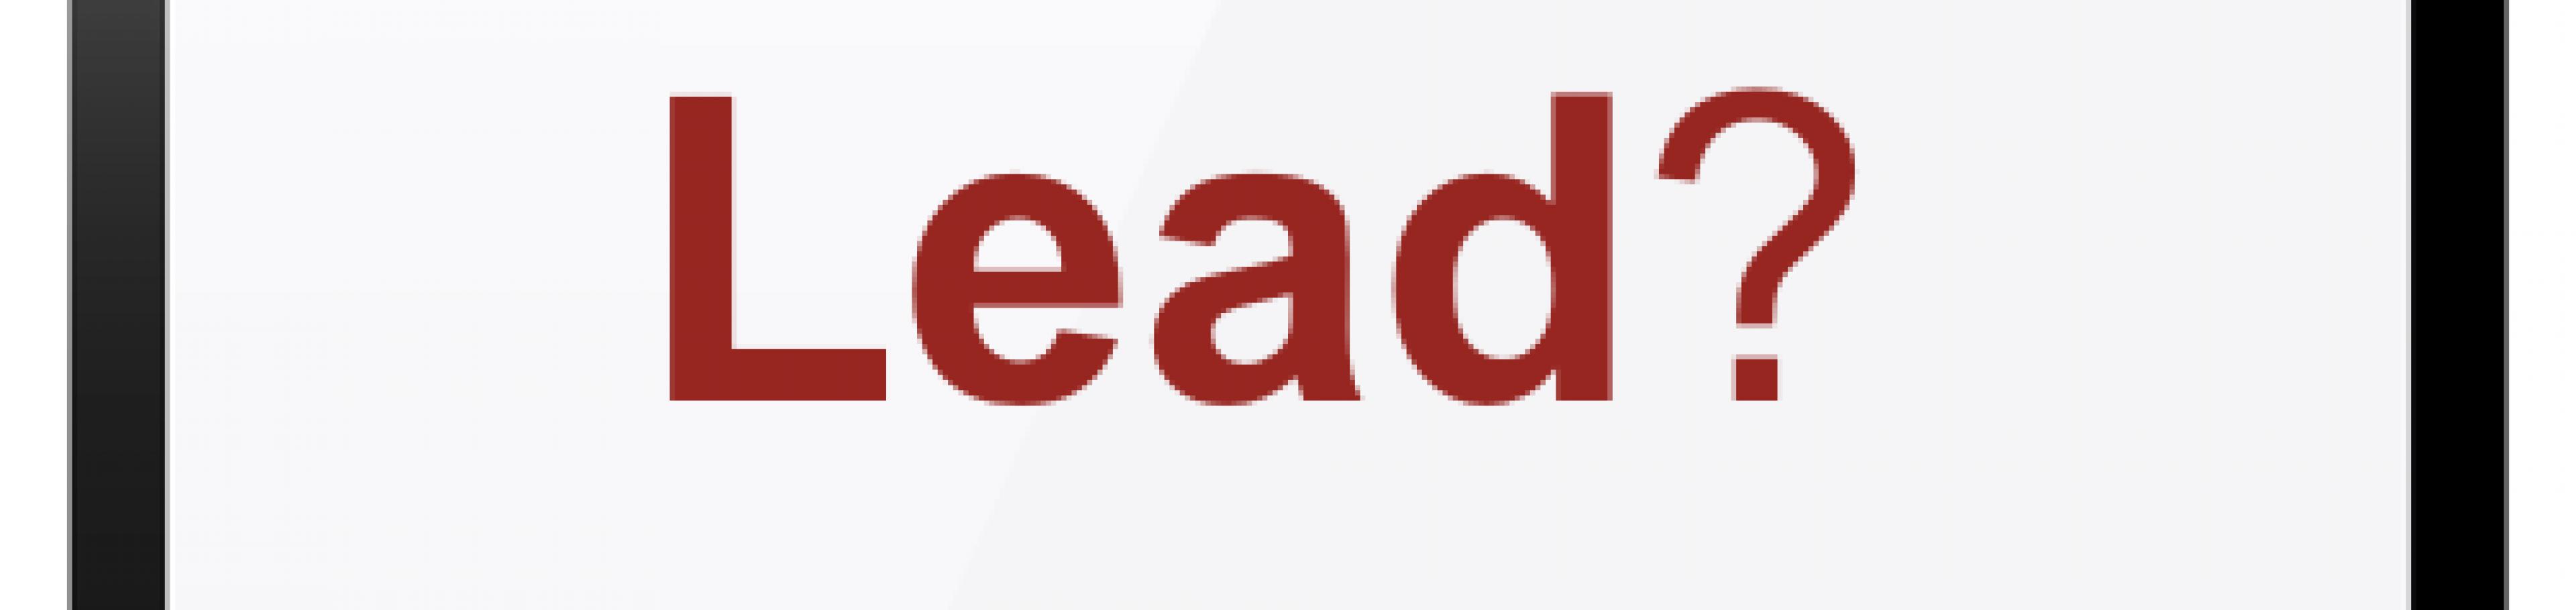 Was ist ein Lead - Begriffklärung